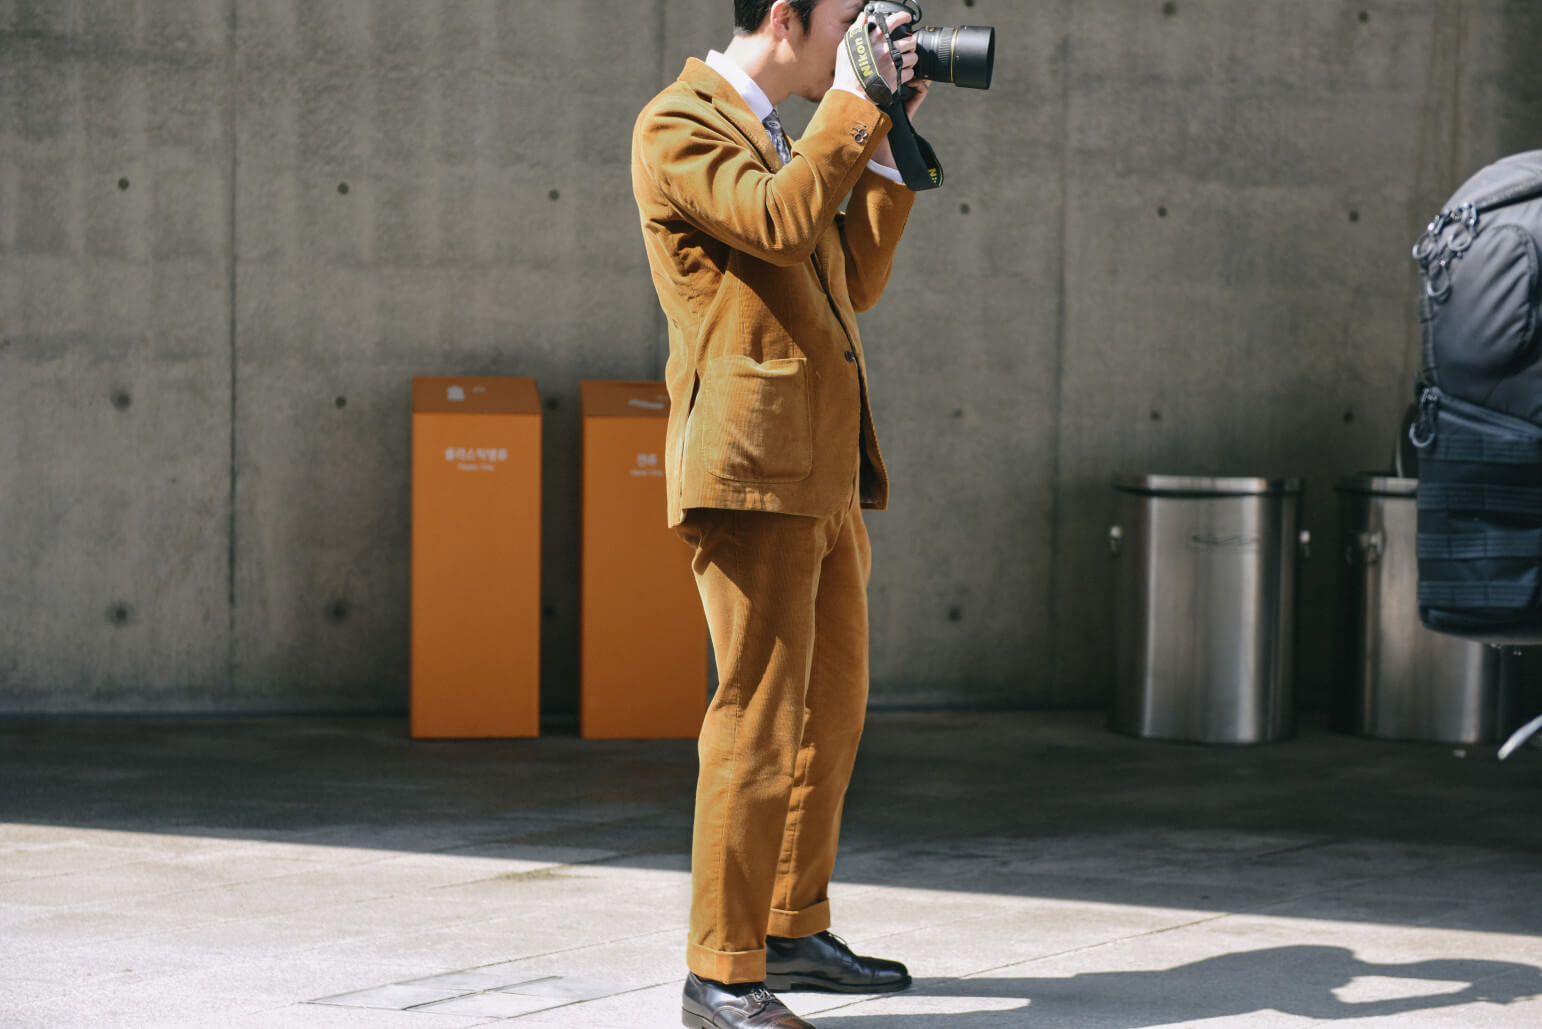 Quy tắc phối màu thường thấy giữa áo vest Hàn Quốc và áo sơ mi